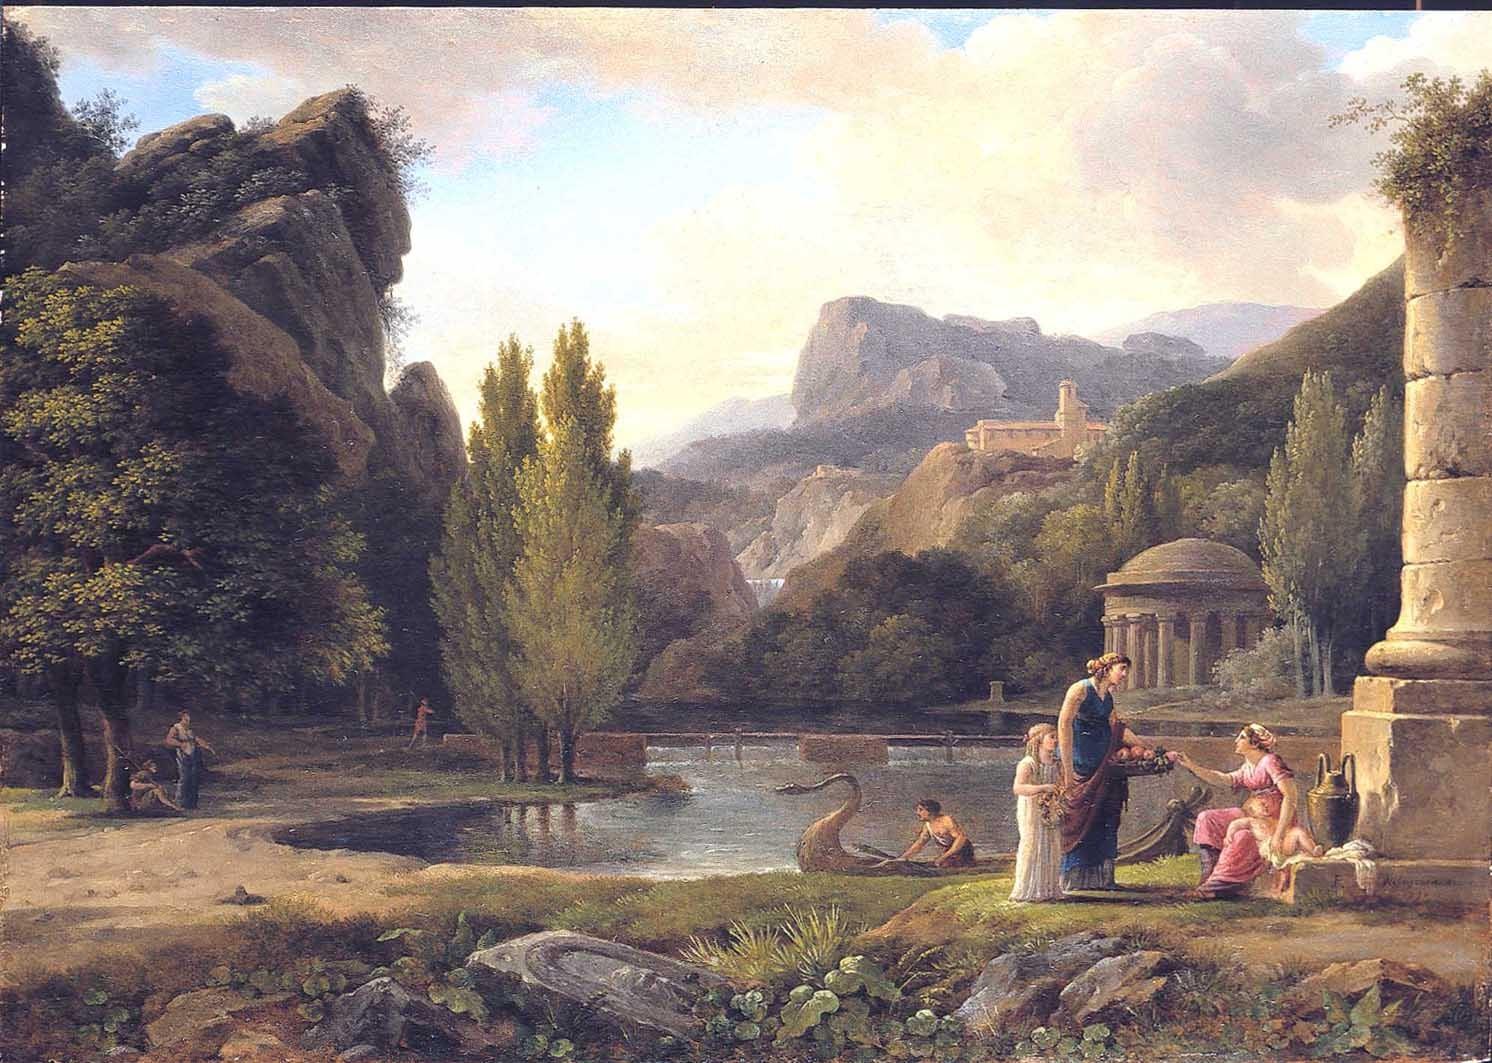 Ruines antiques dans un paysage classique